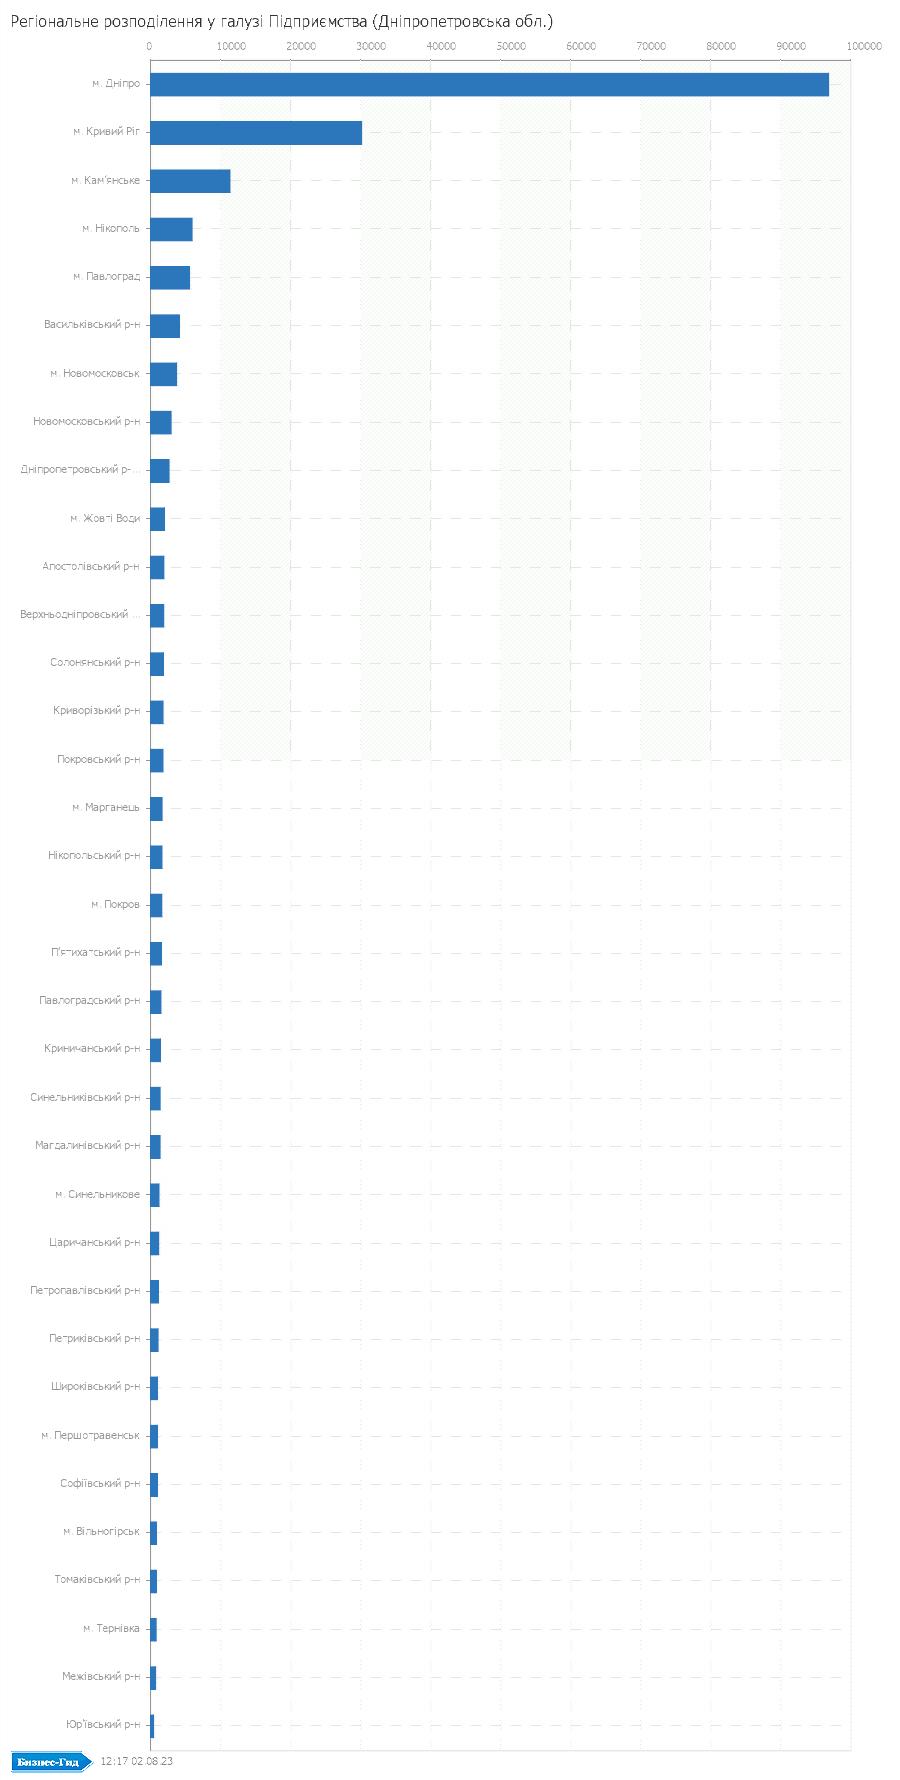 Регіональне розподілення у галузі: Підприємства (Дніпропетровська обл.)